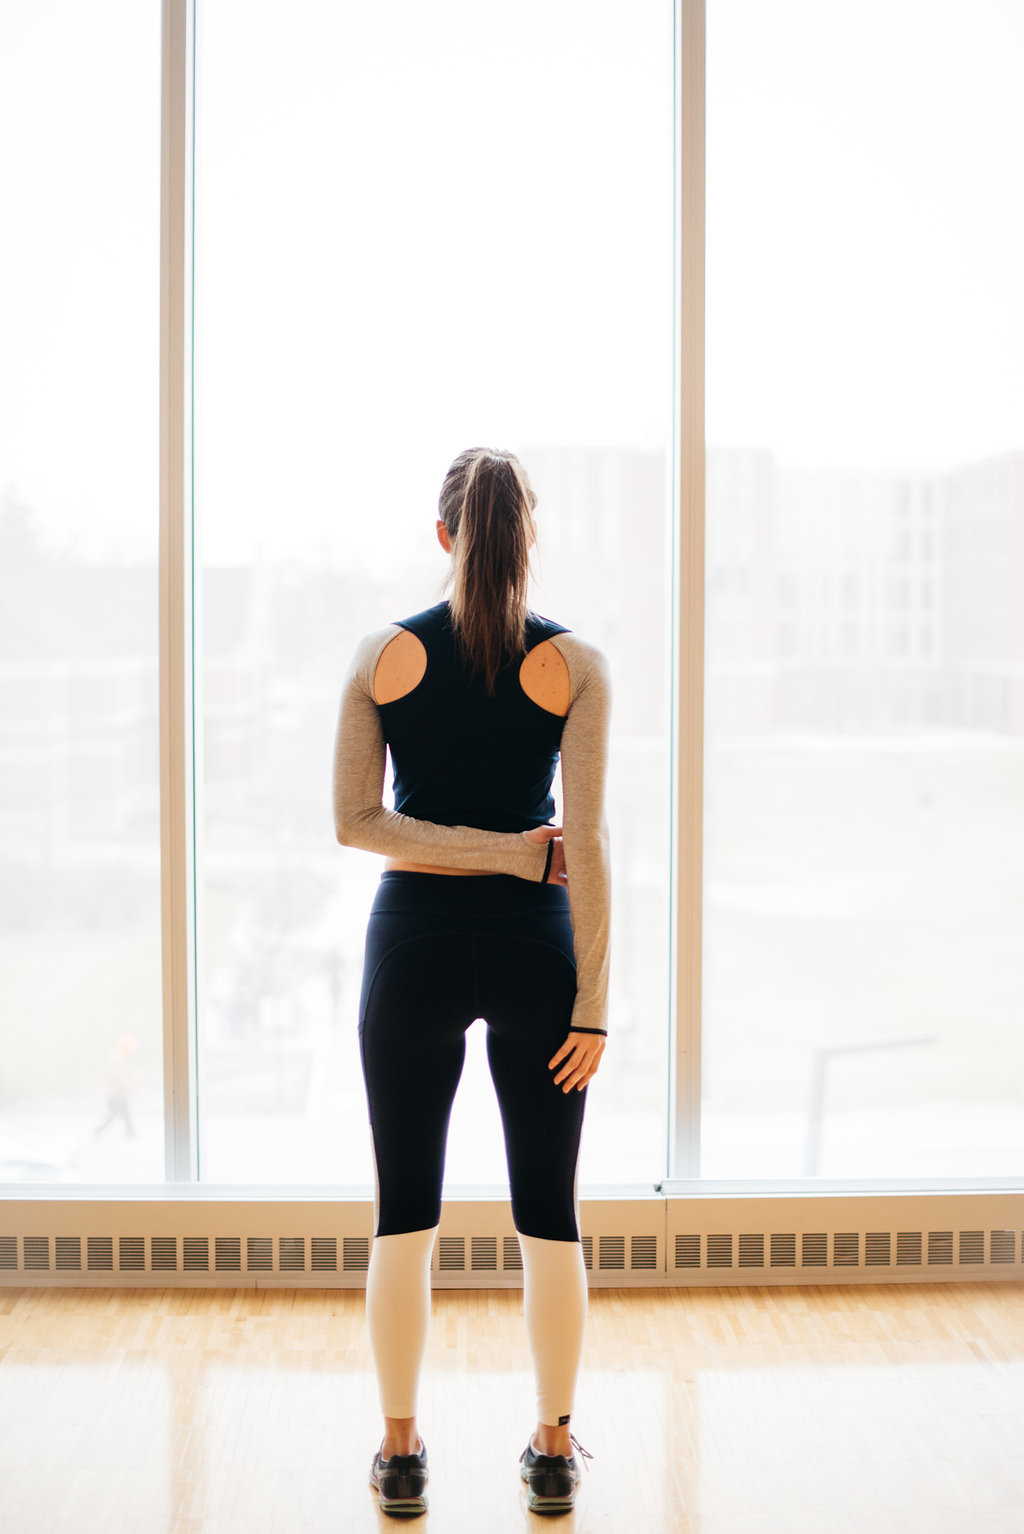 Stephanie_workout-21.jpg